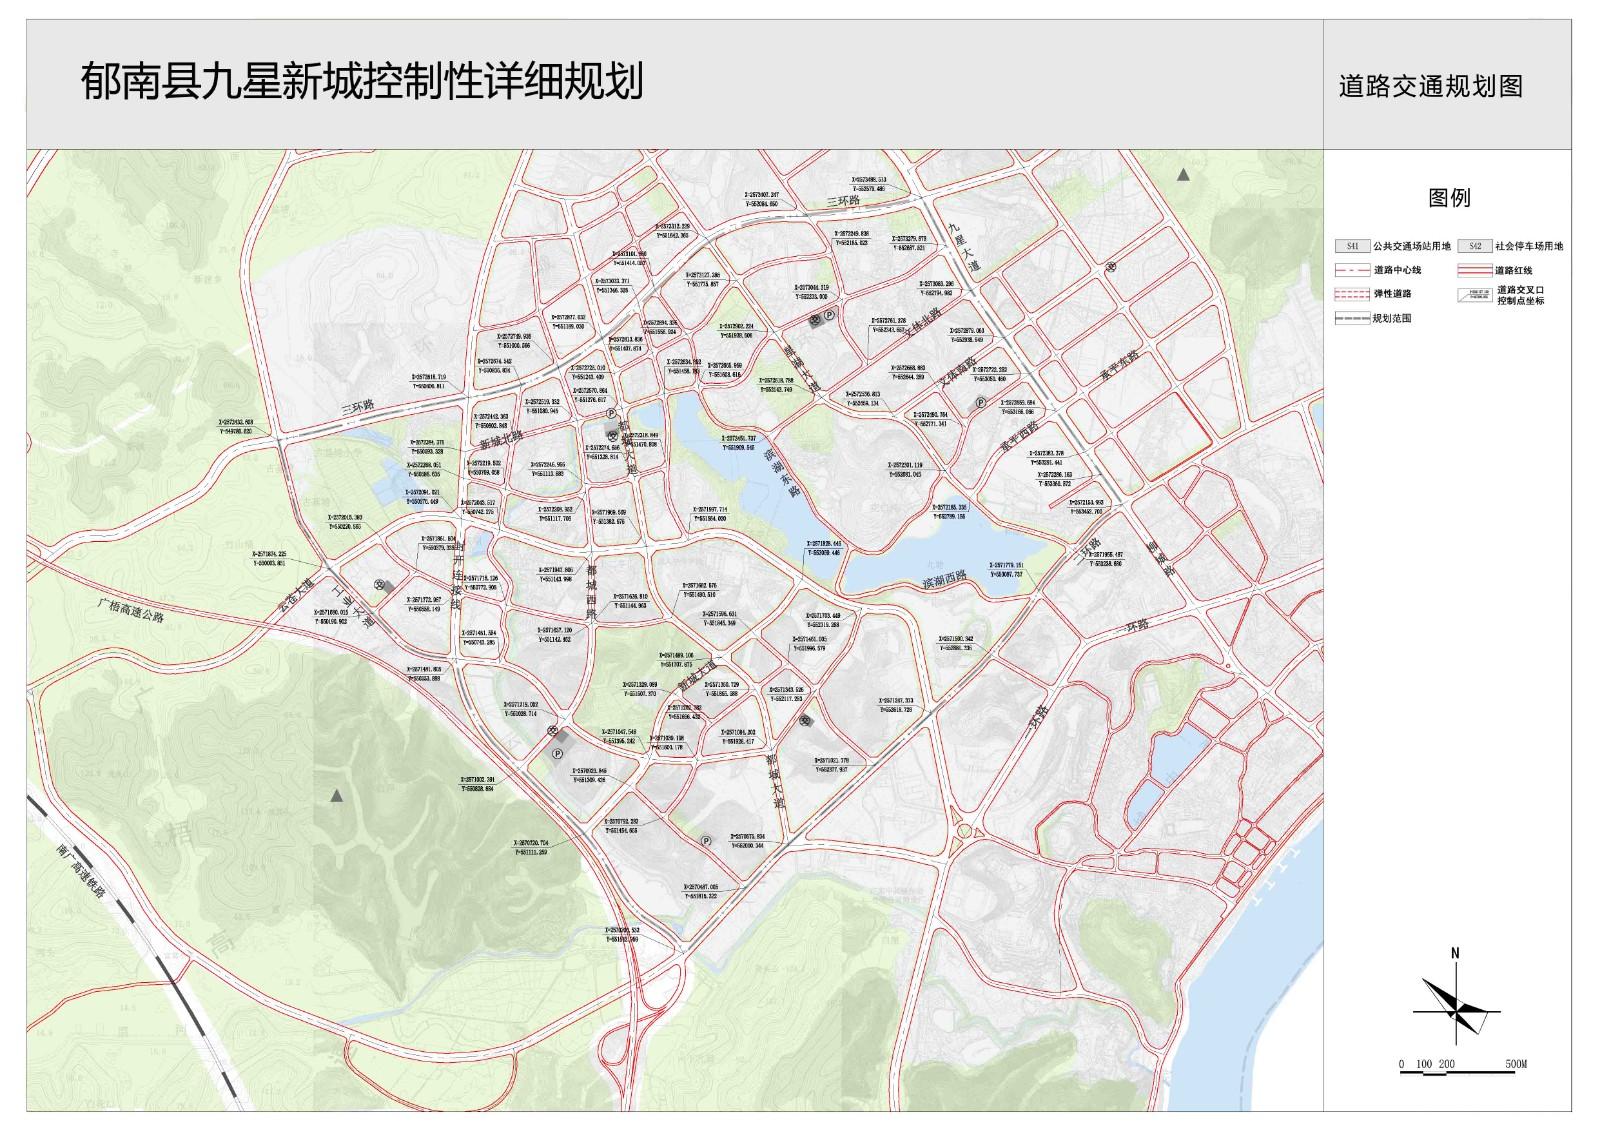 04 道路交通规划图.jpg